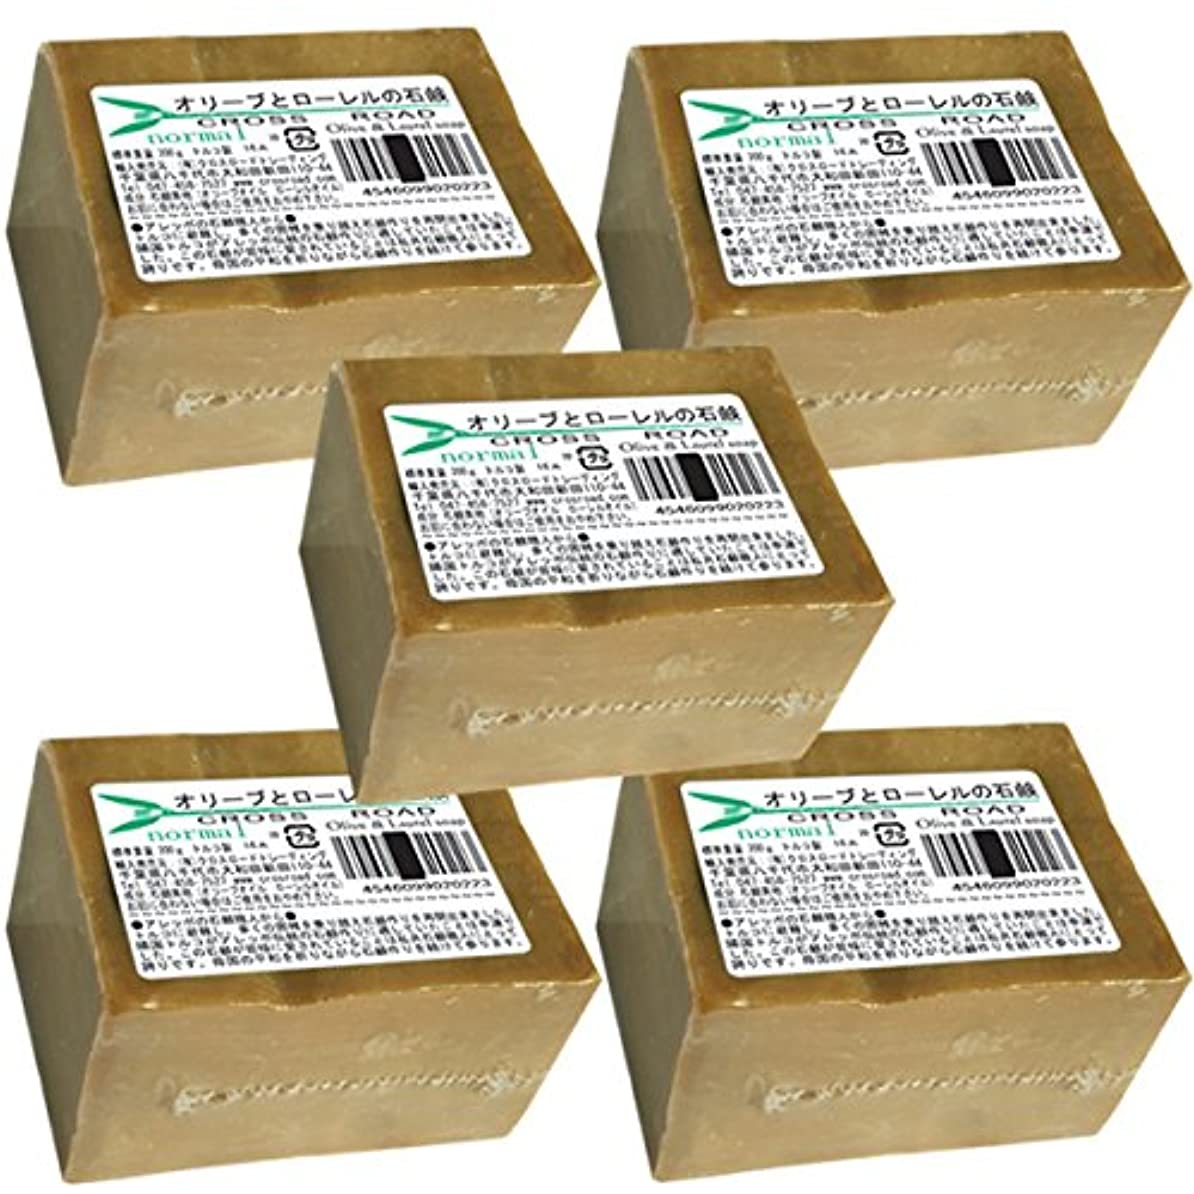 経営者ずんぐりしたプーノオリーブとローレルの石鹸(ノーマル)5個セット[並行輸入品]